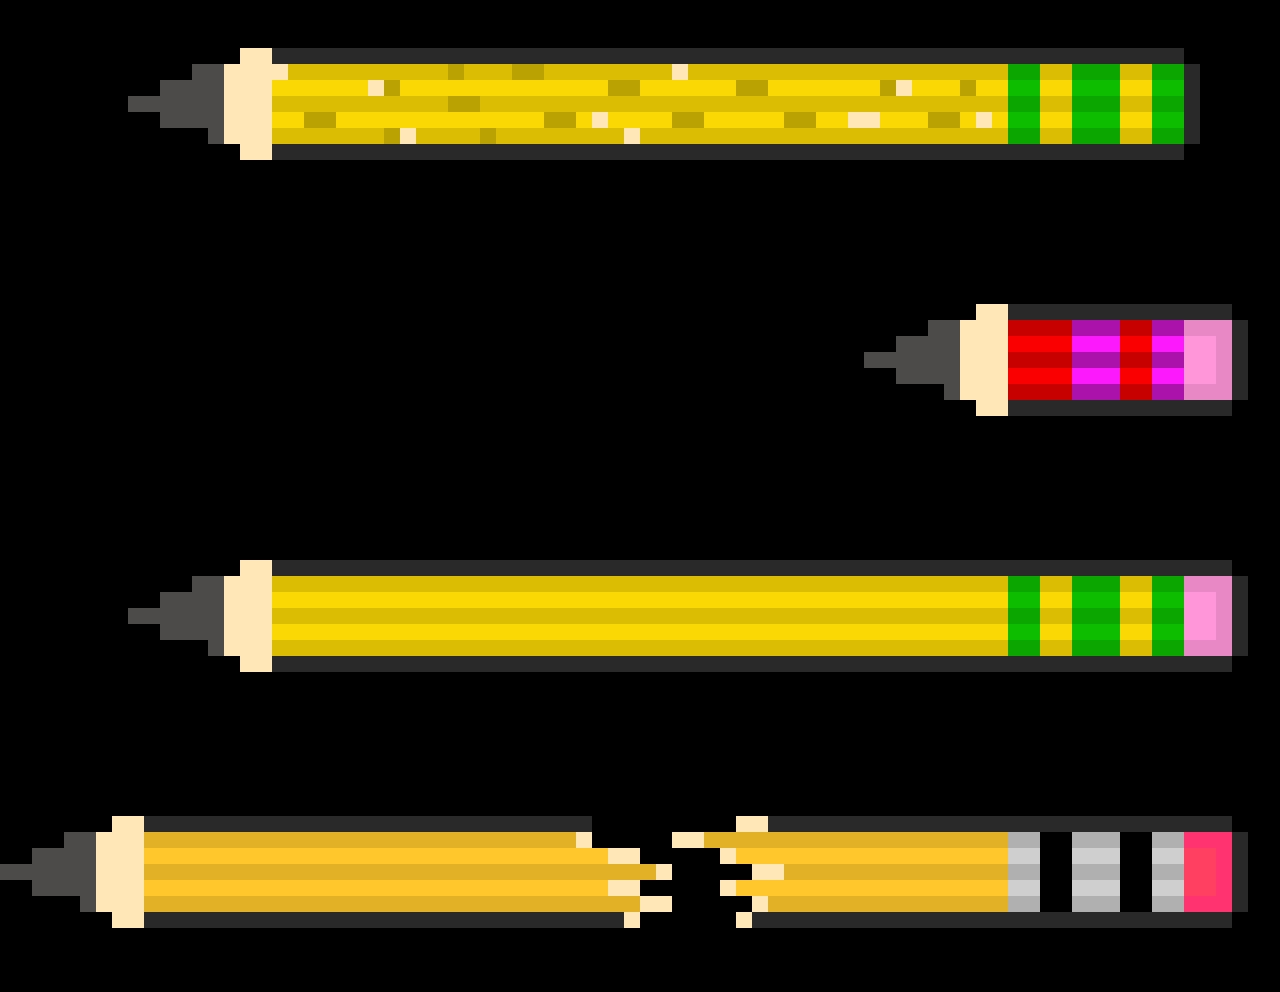 all 4 pencils